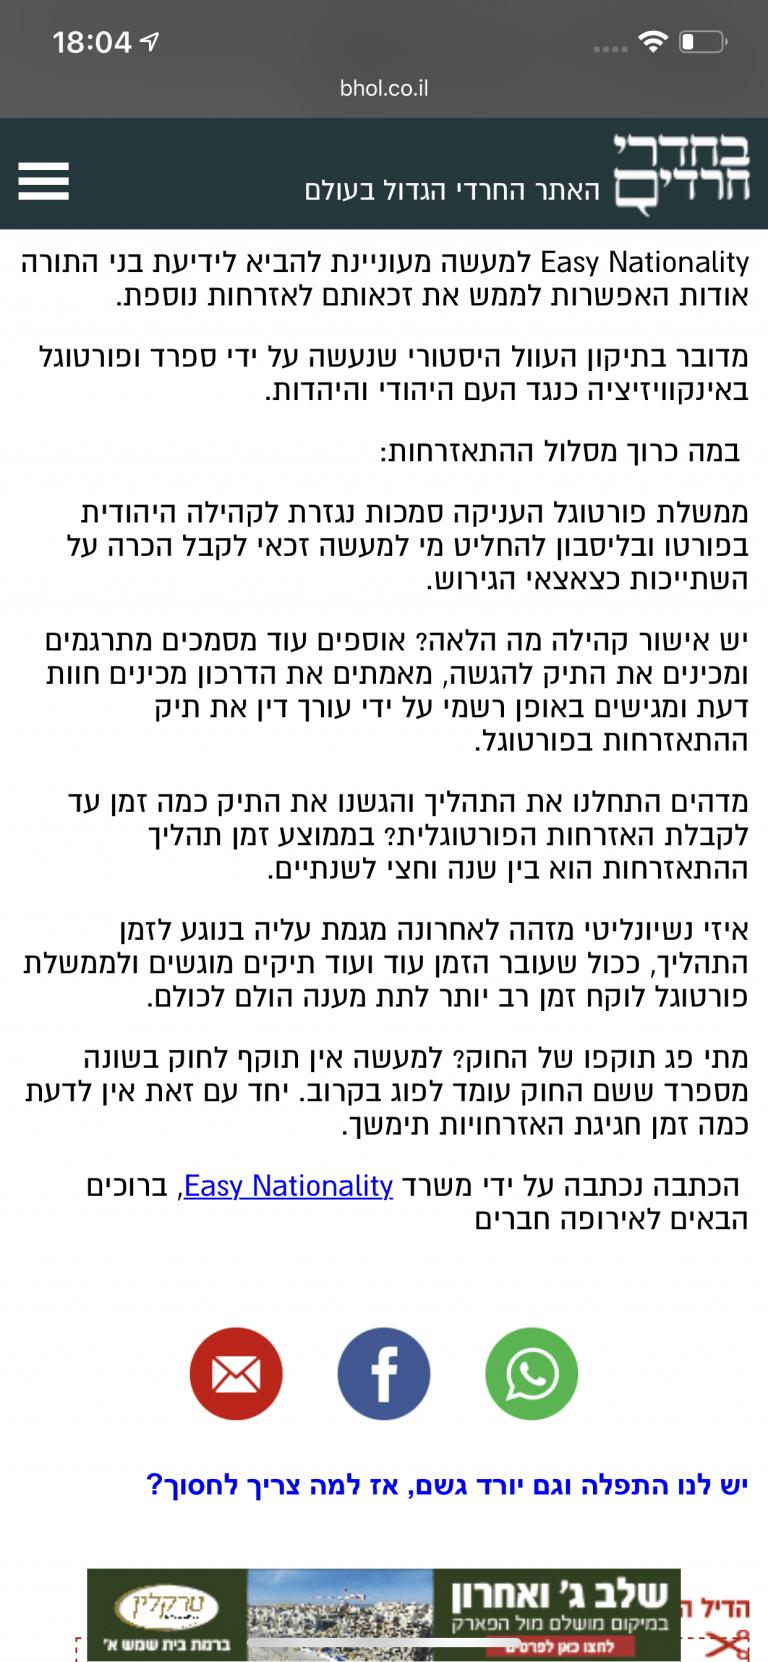 כתבה של Easy Nationality באתר בחדרי חדרים למגזר הדתי